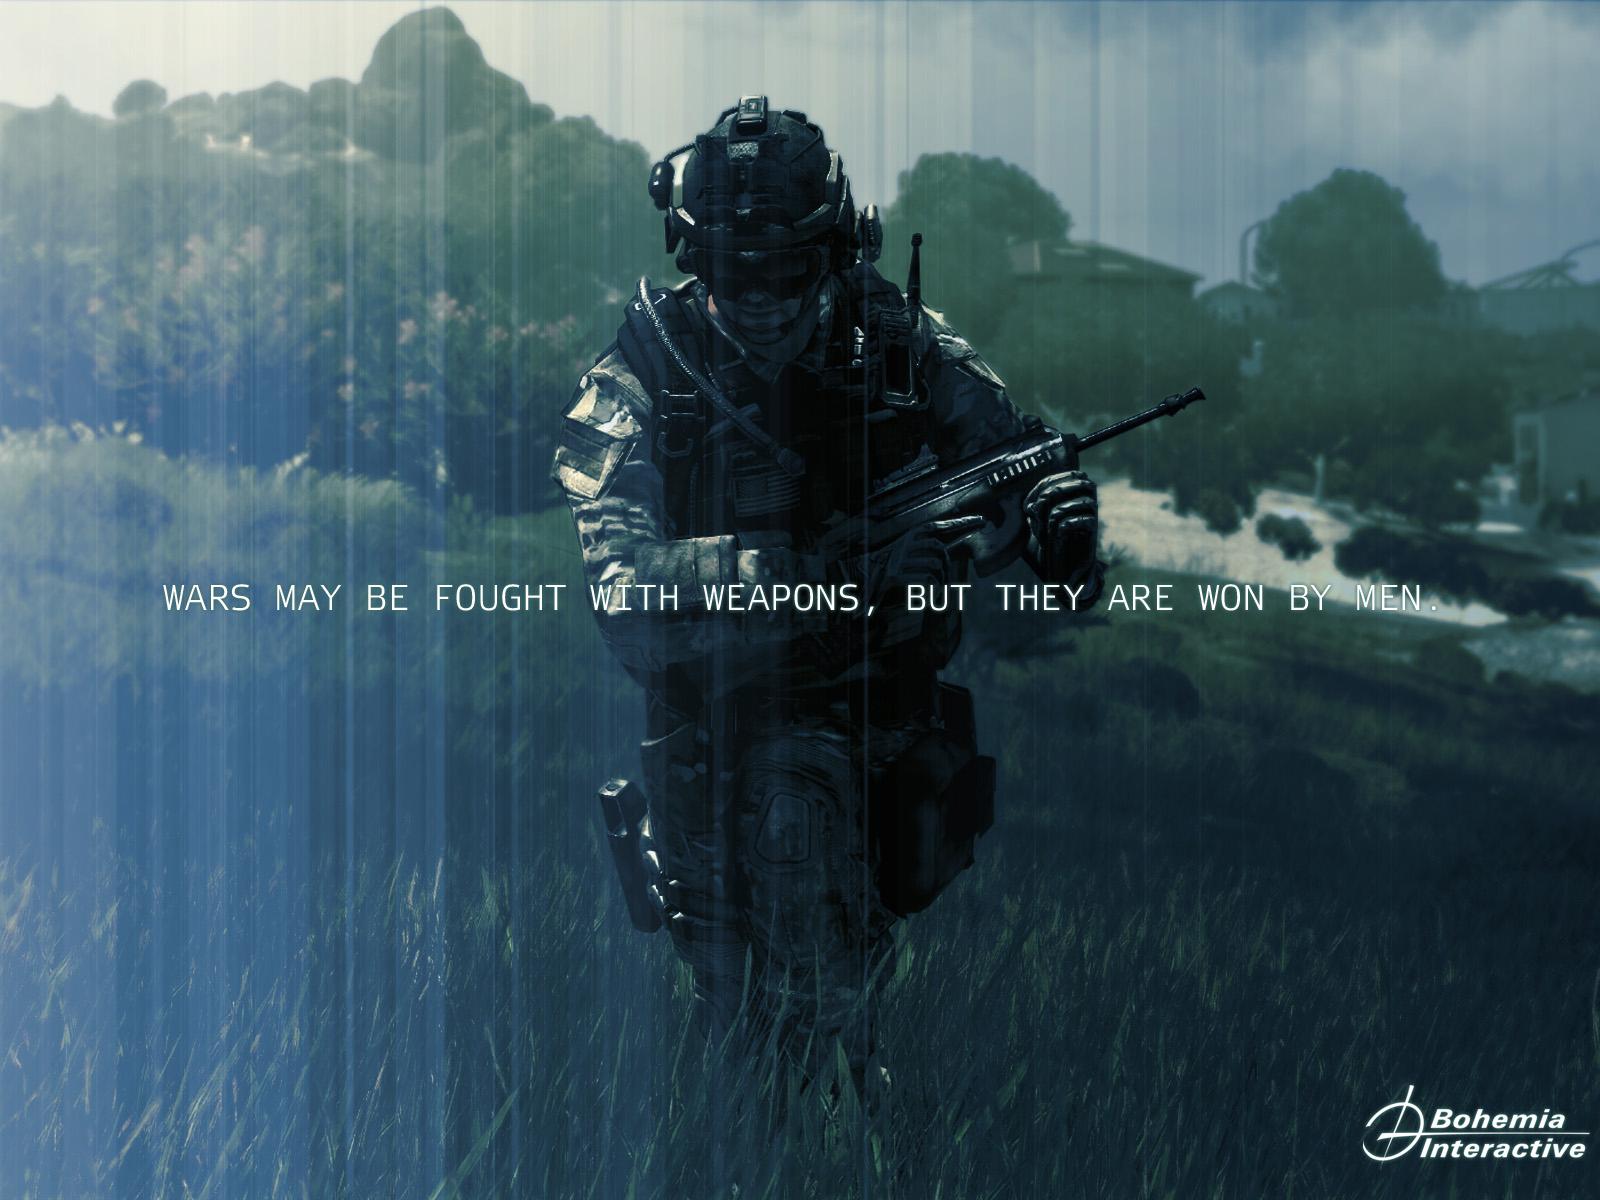 arma 3 games wallpaper